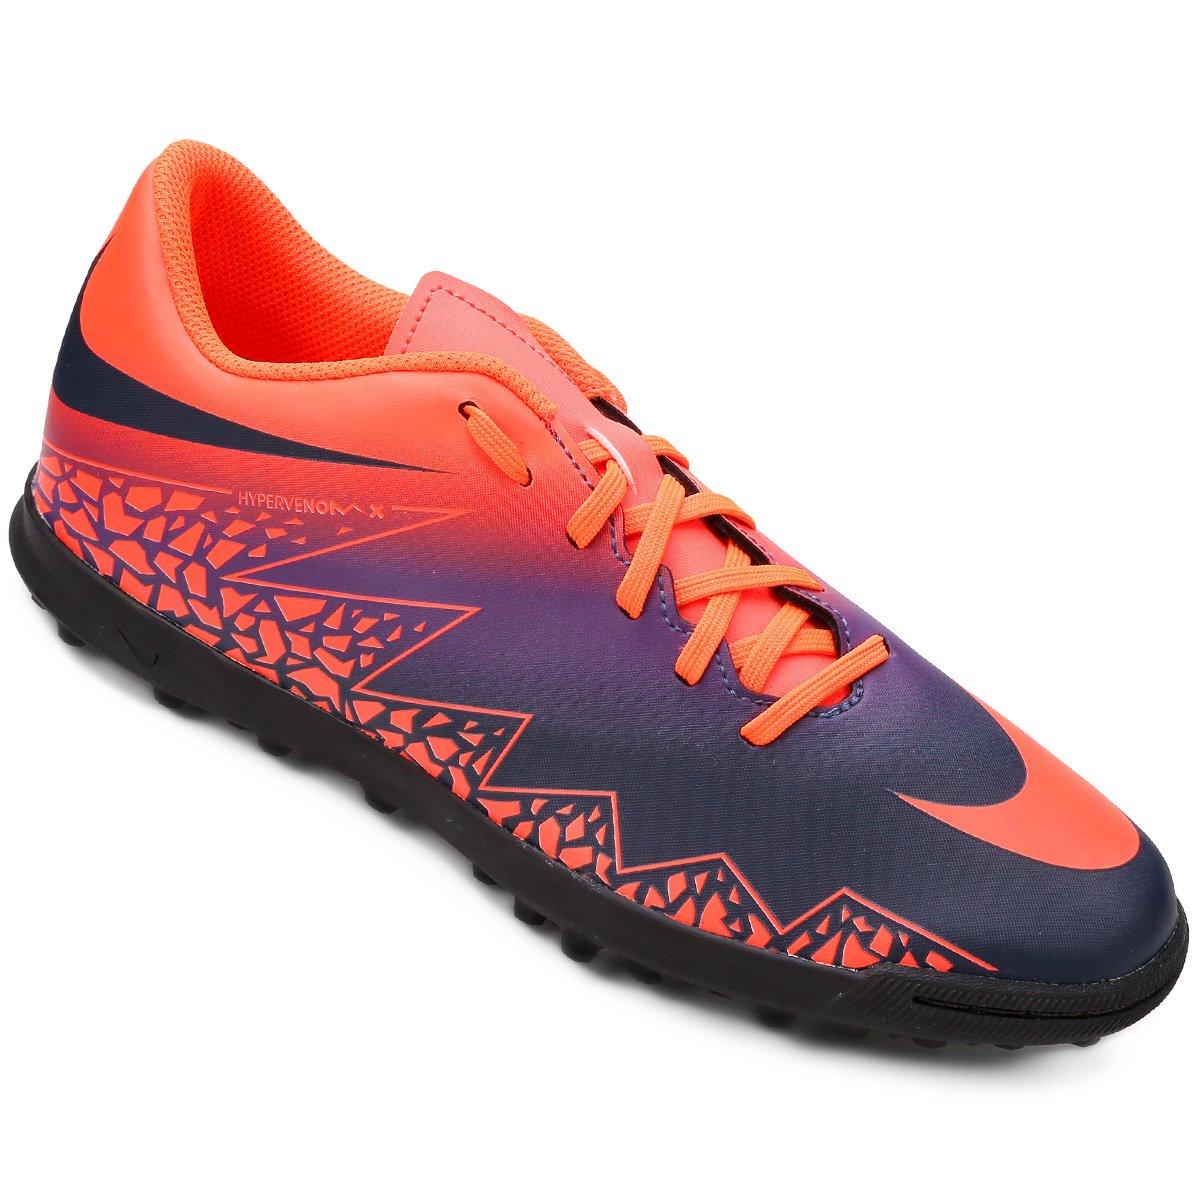 Chuteira Society Nike Hypervenom Phade 2 TF - Compre Agora  8de5d08667248